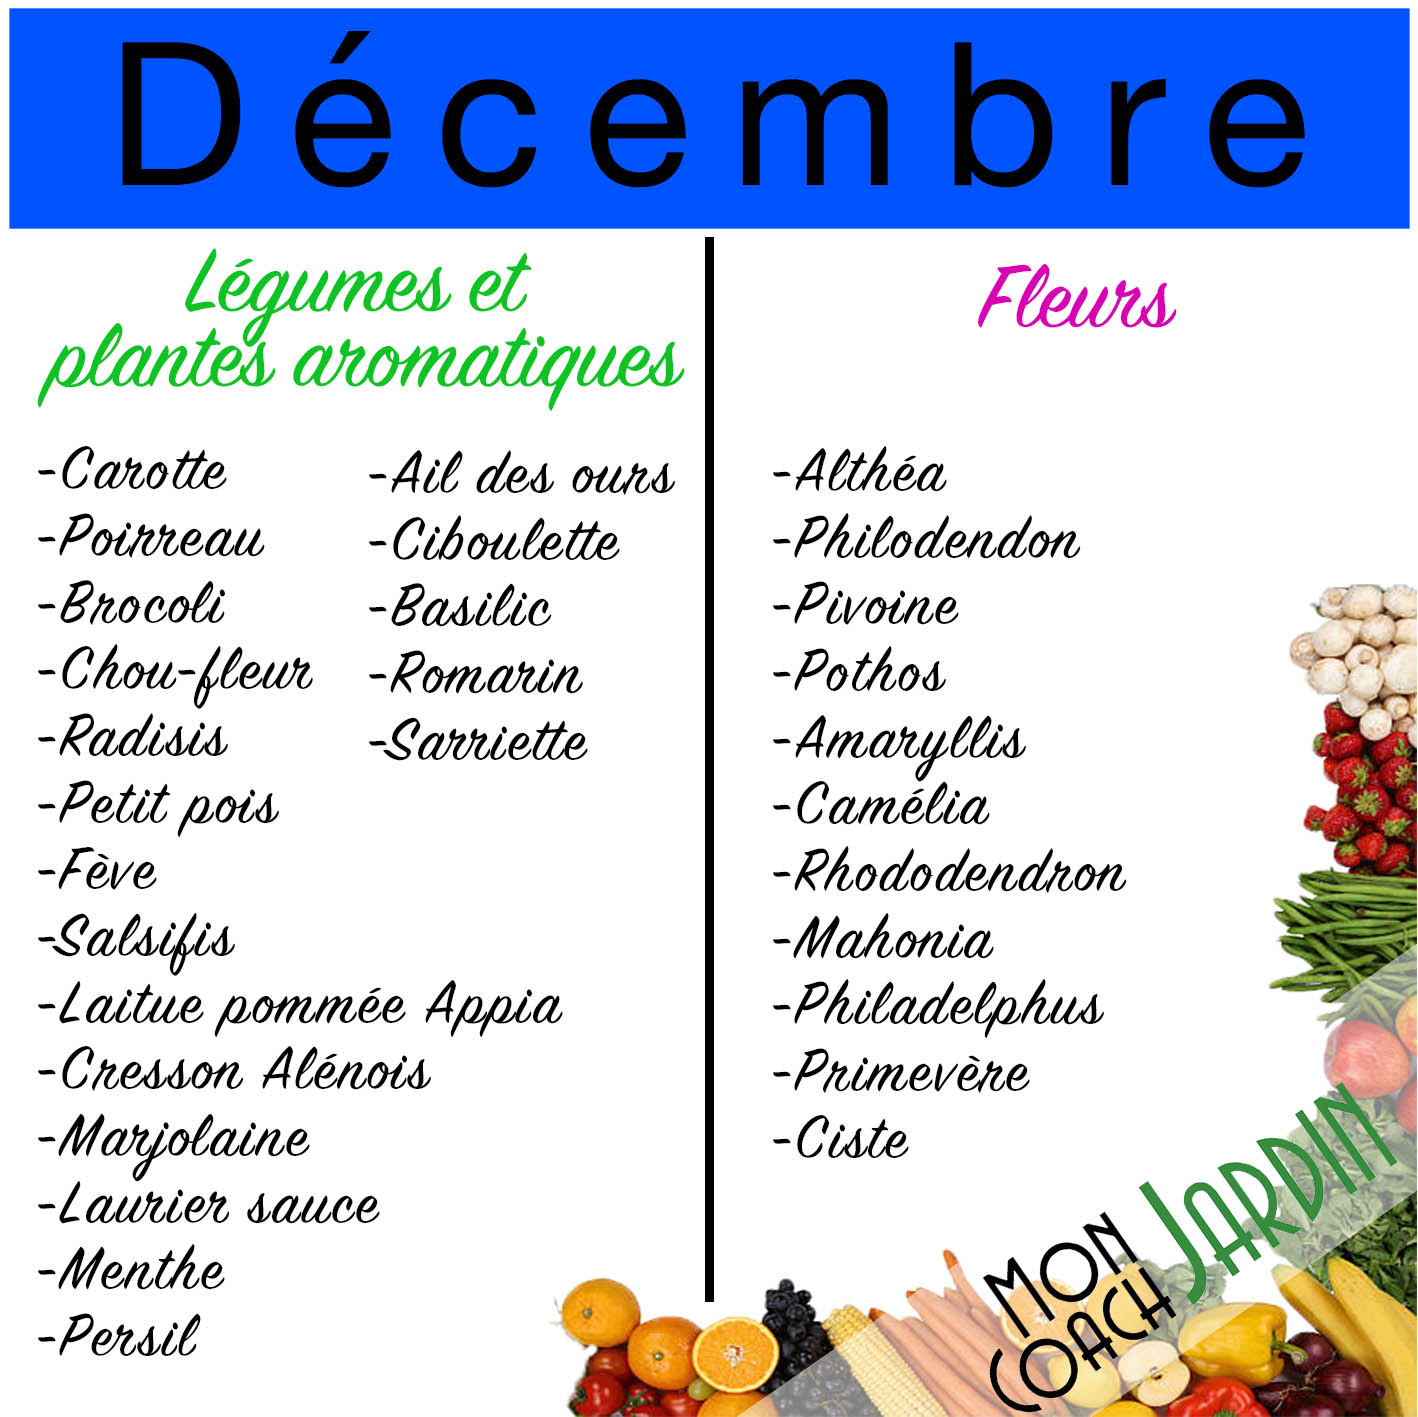 Plantes aromatiques à planter en décembre